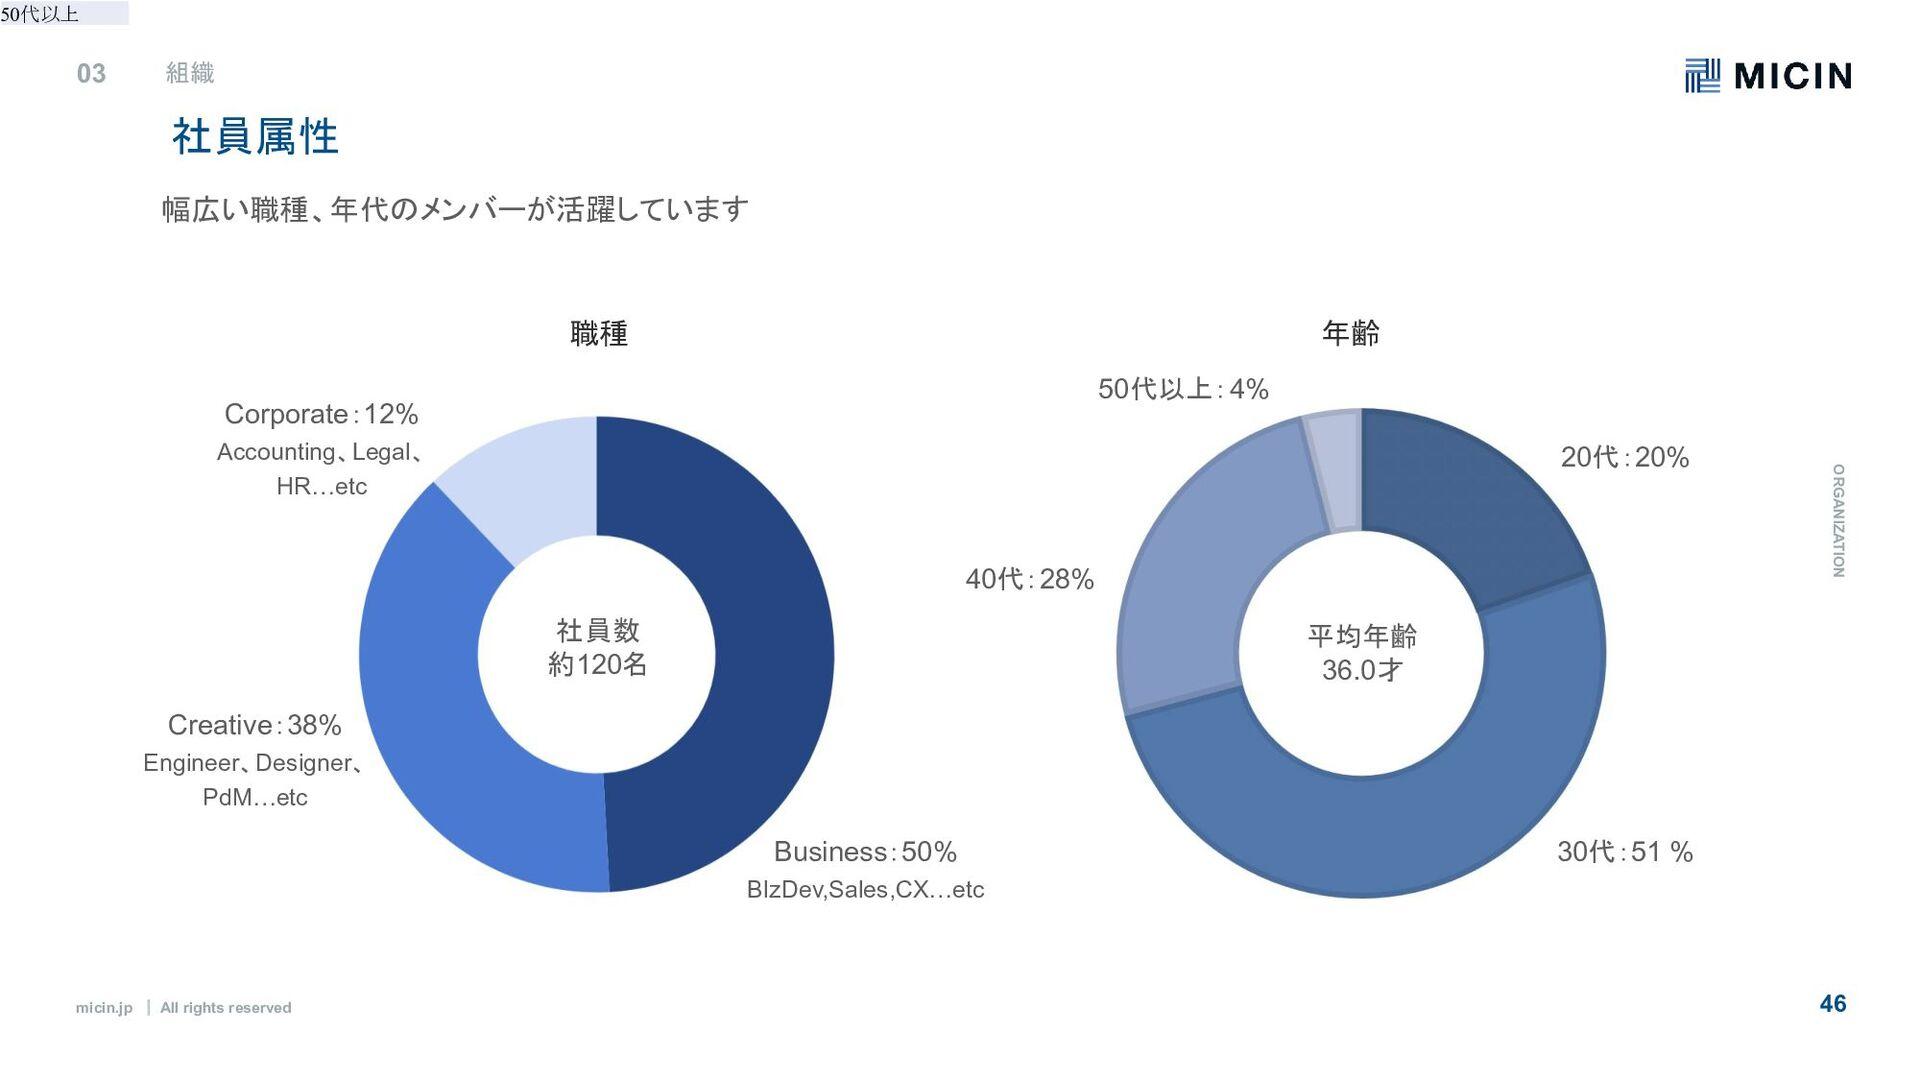 micin.jp ʛ All rights reserved 46 ૬ޓཧղɾίϛϡχέʔγϣ...